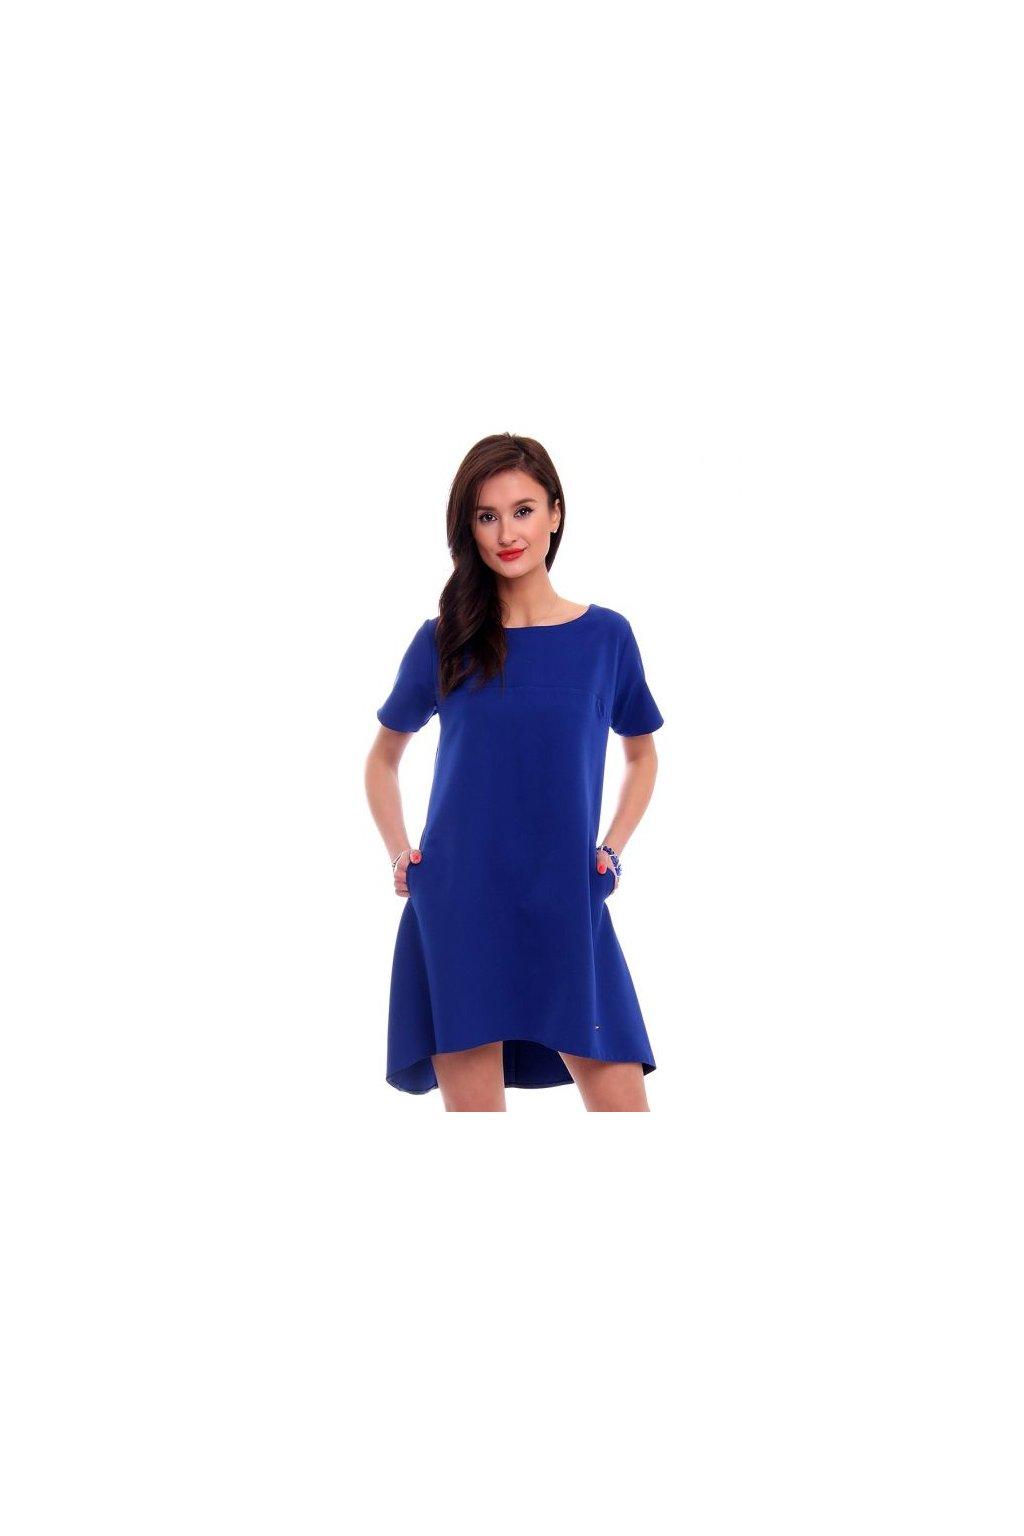 Koktejlové šaty CM465 modré - Tentation.sk 348211ffc6